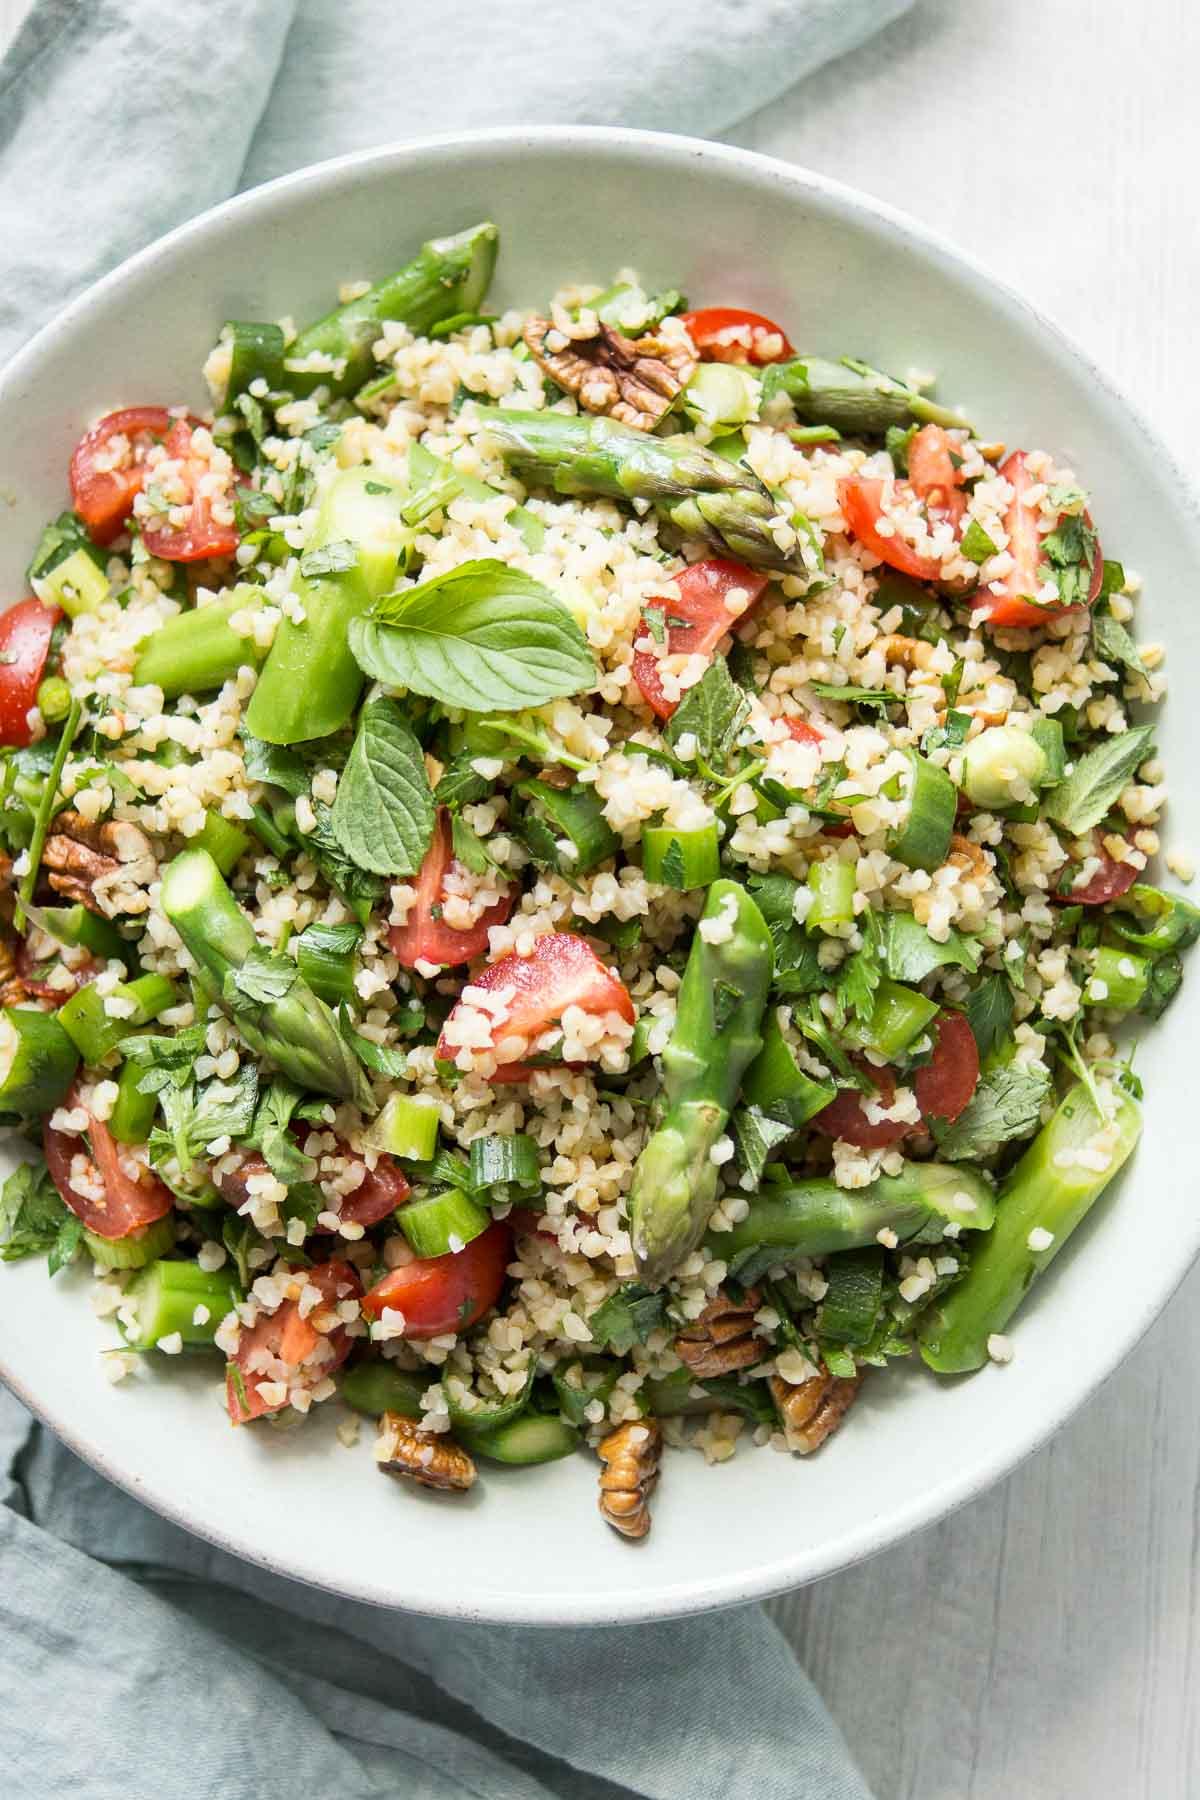 Bulgur-Salat mit Spargel, frischen Kräutern; Pekannüsse und Zitrone